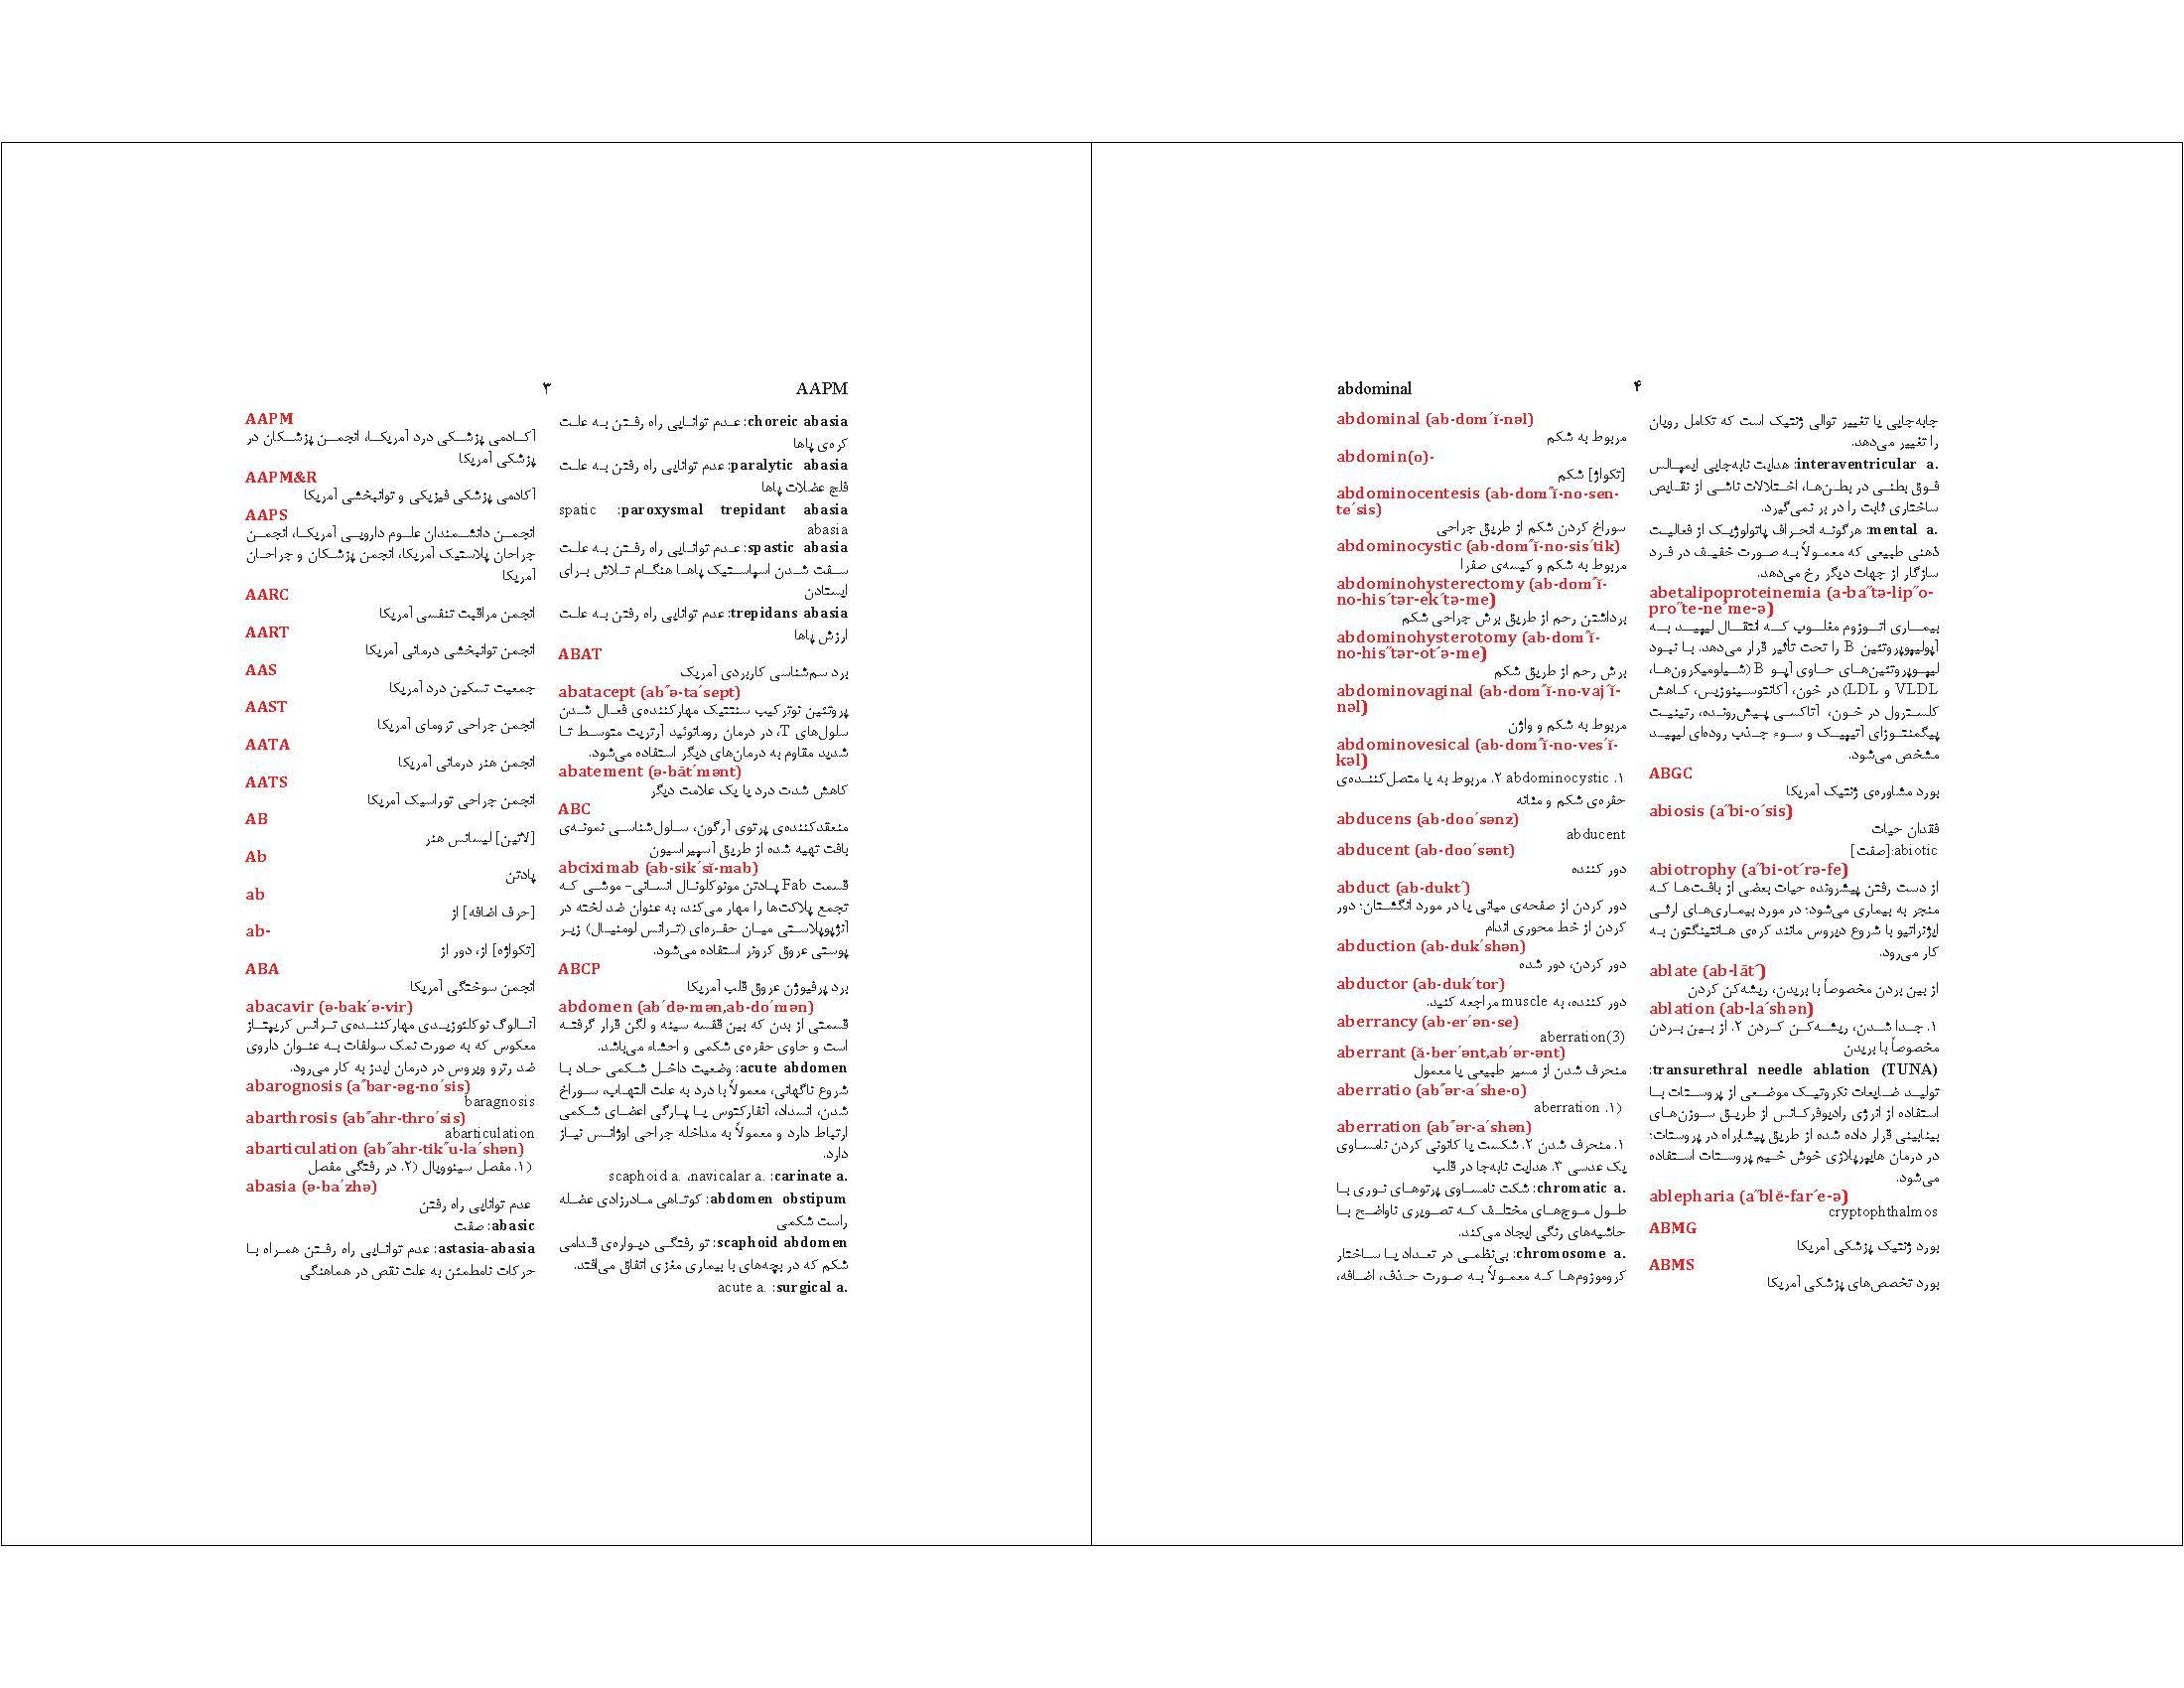 نمونه صفحه آرایی کتاب دیکشنری انگلیسی به فارسی